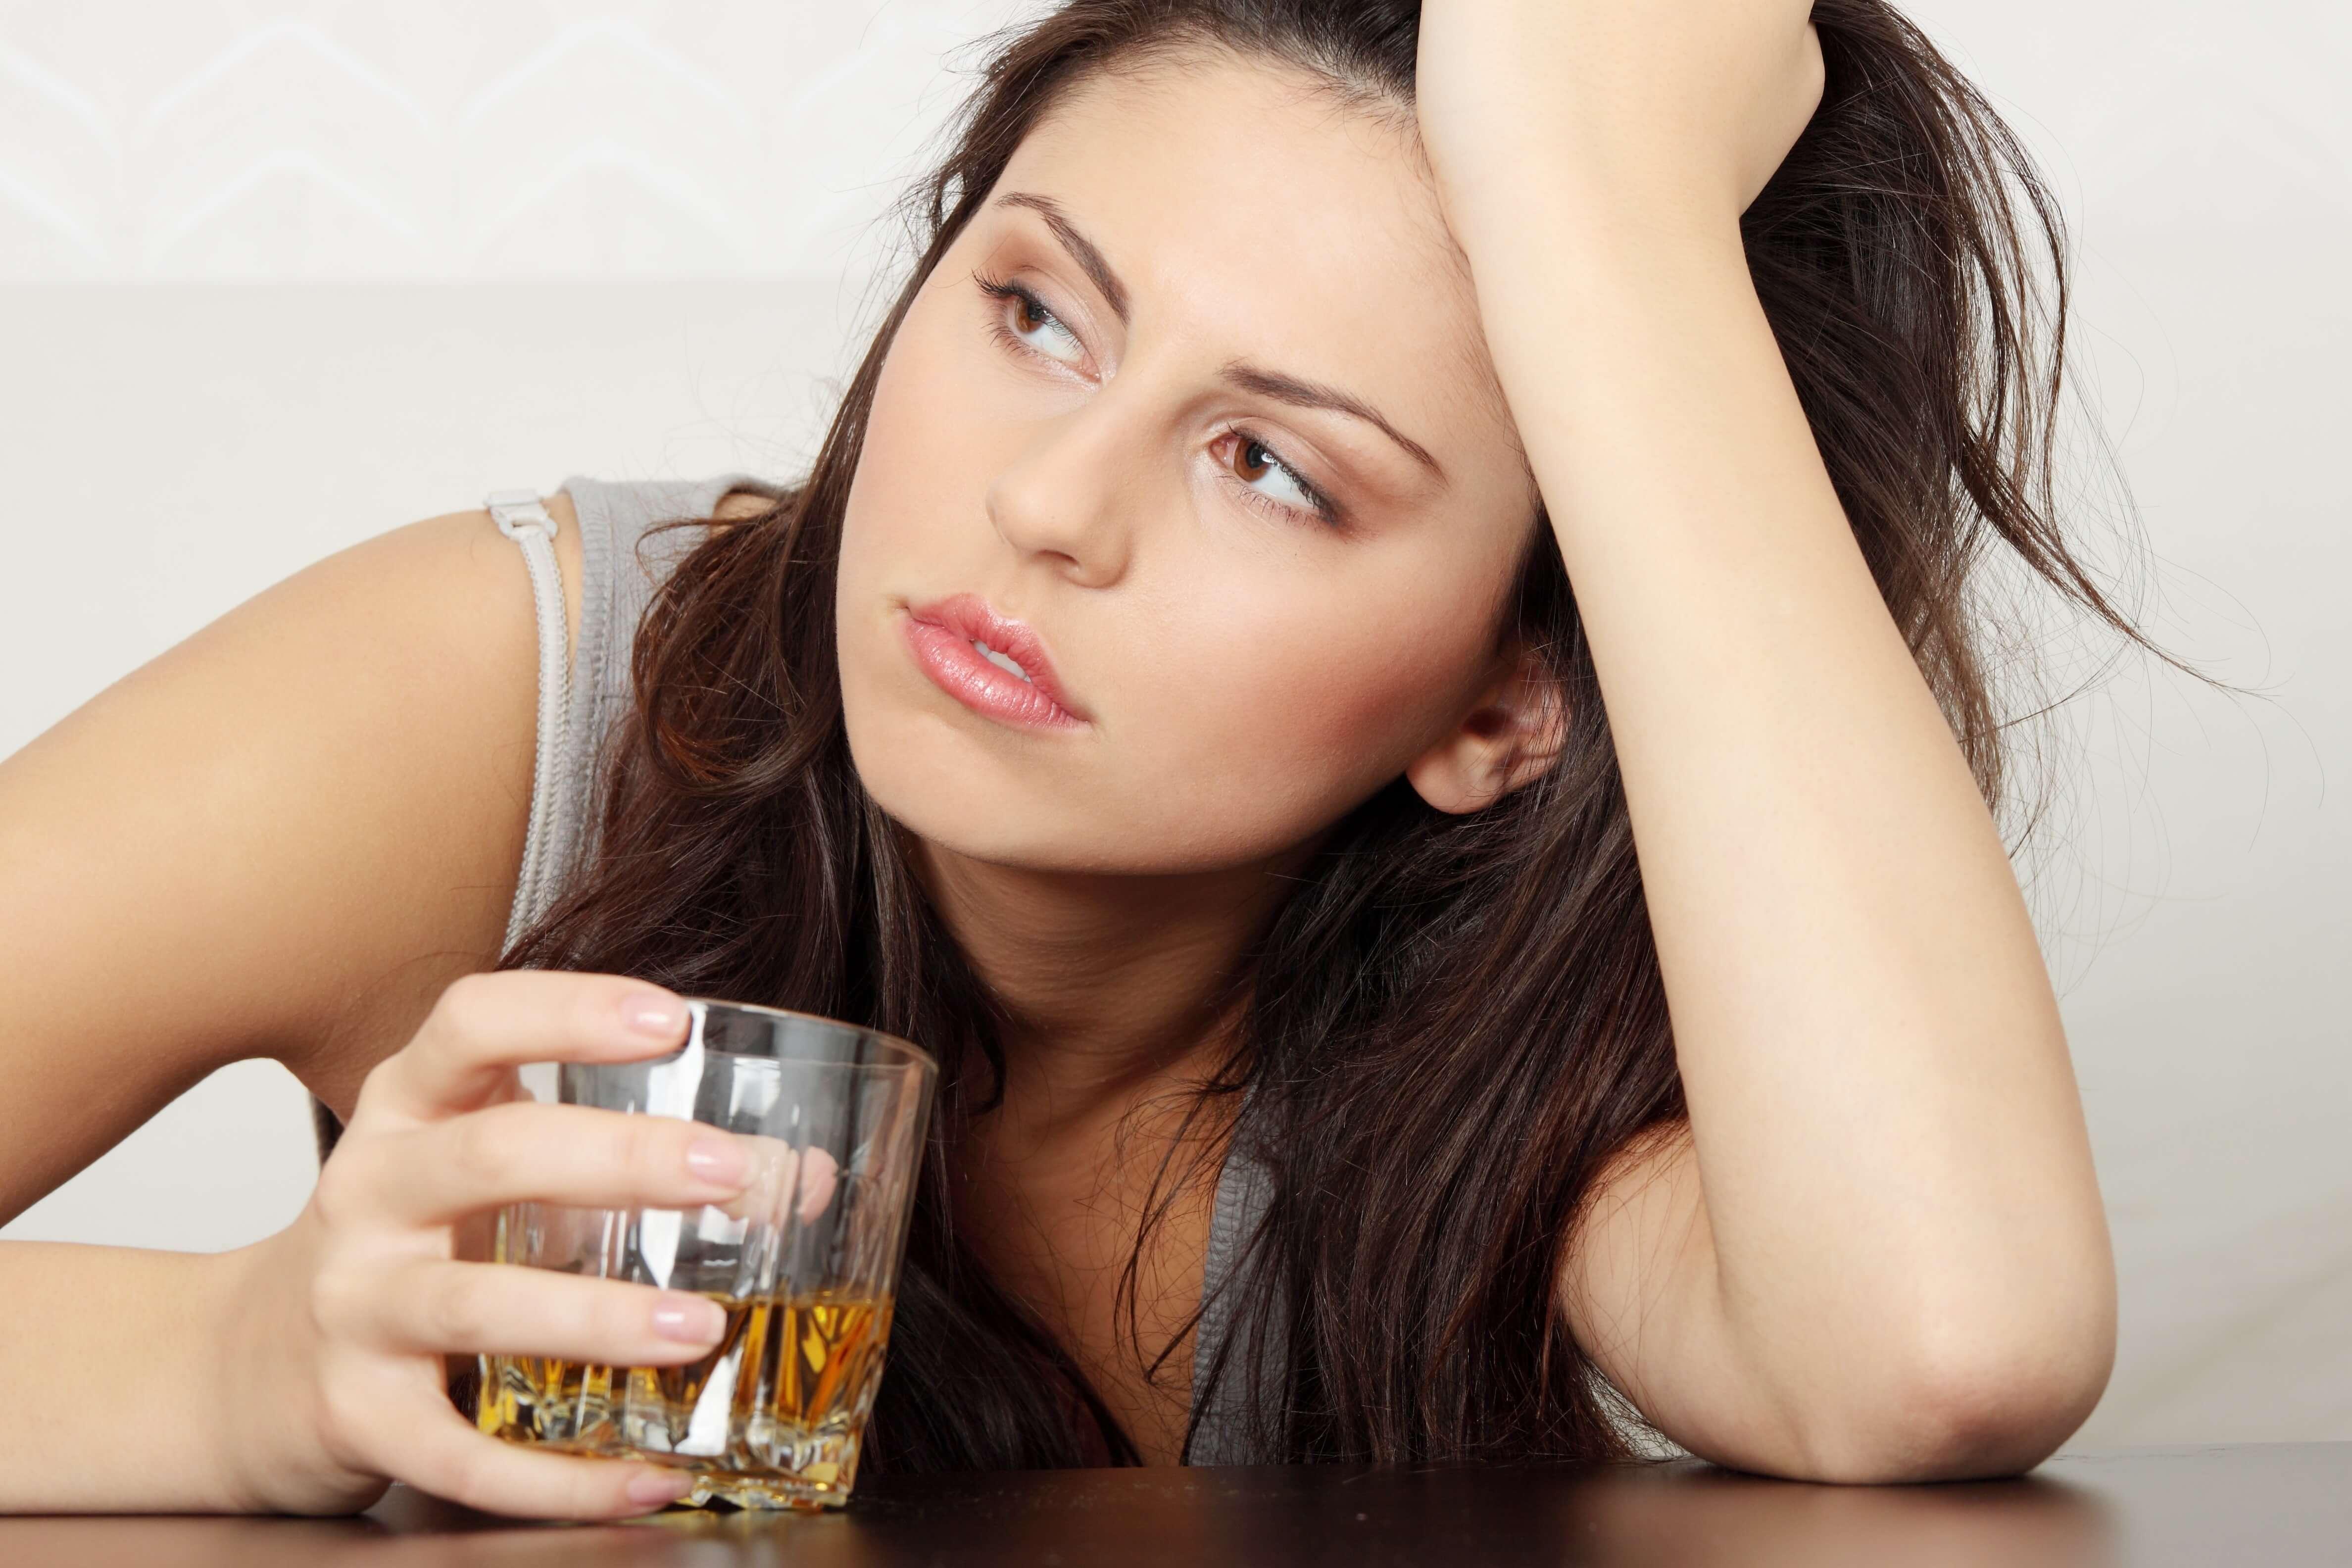 Лечение женского алкоголизма Москвее как помочь избавится от алкоголизма